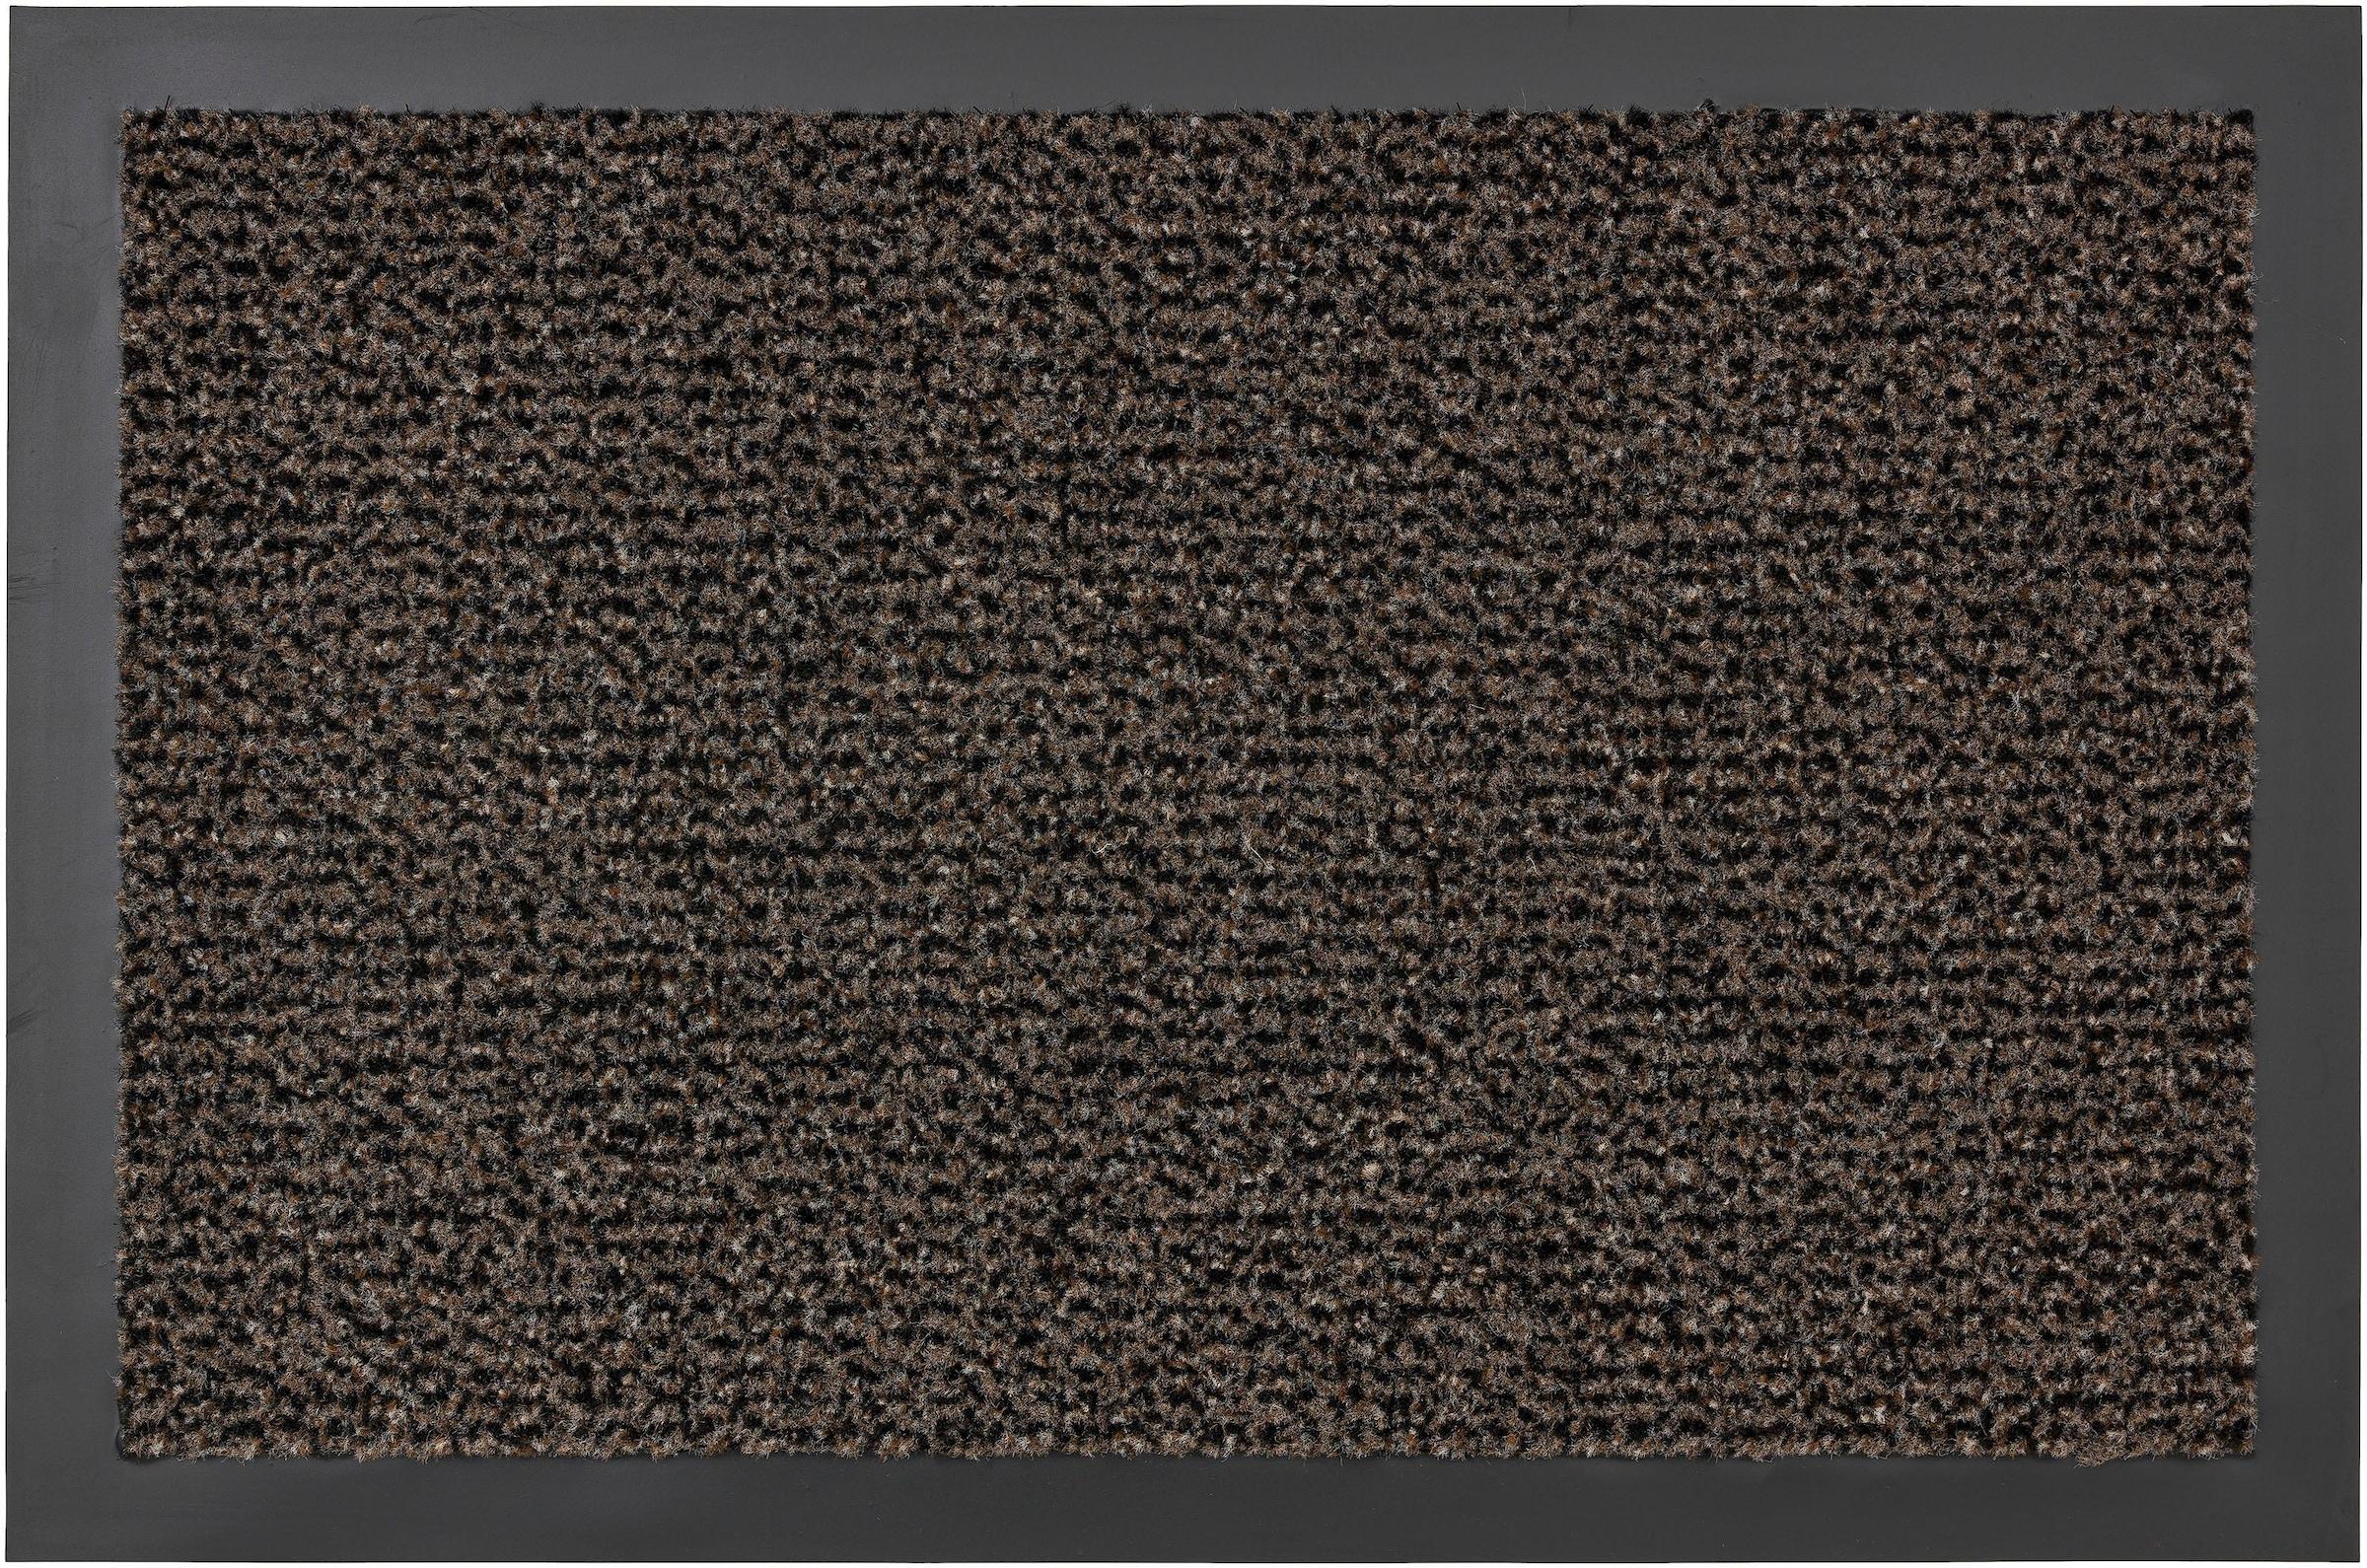 Image of ASTRA Fussmatte »Aventurin 621«, rechteckig, 8 mm Höhe, Fussabstreifer, Fussabtreter, Schmutzfangläufer, Schmutzfangmatte, Schmutzfangteppich, Schmutzmatte, Türmatte, Türvorleger, In -und Outdoor geeignet